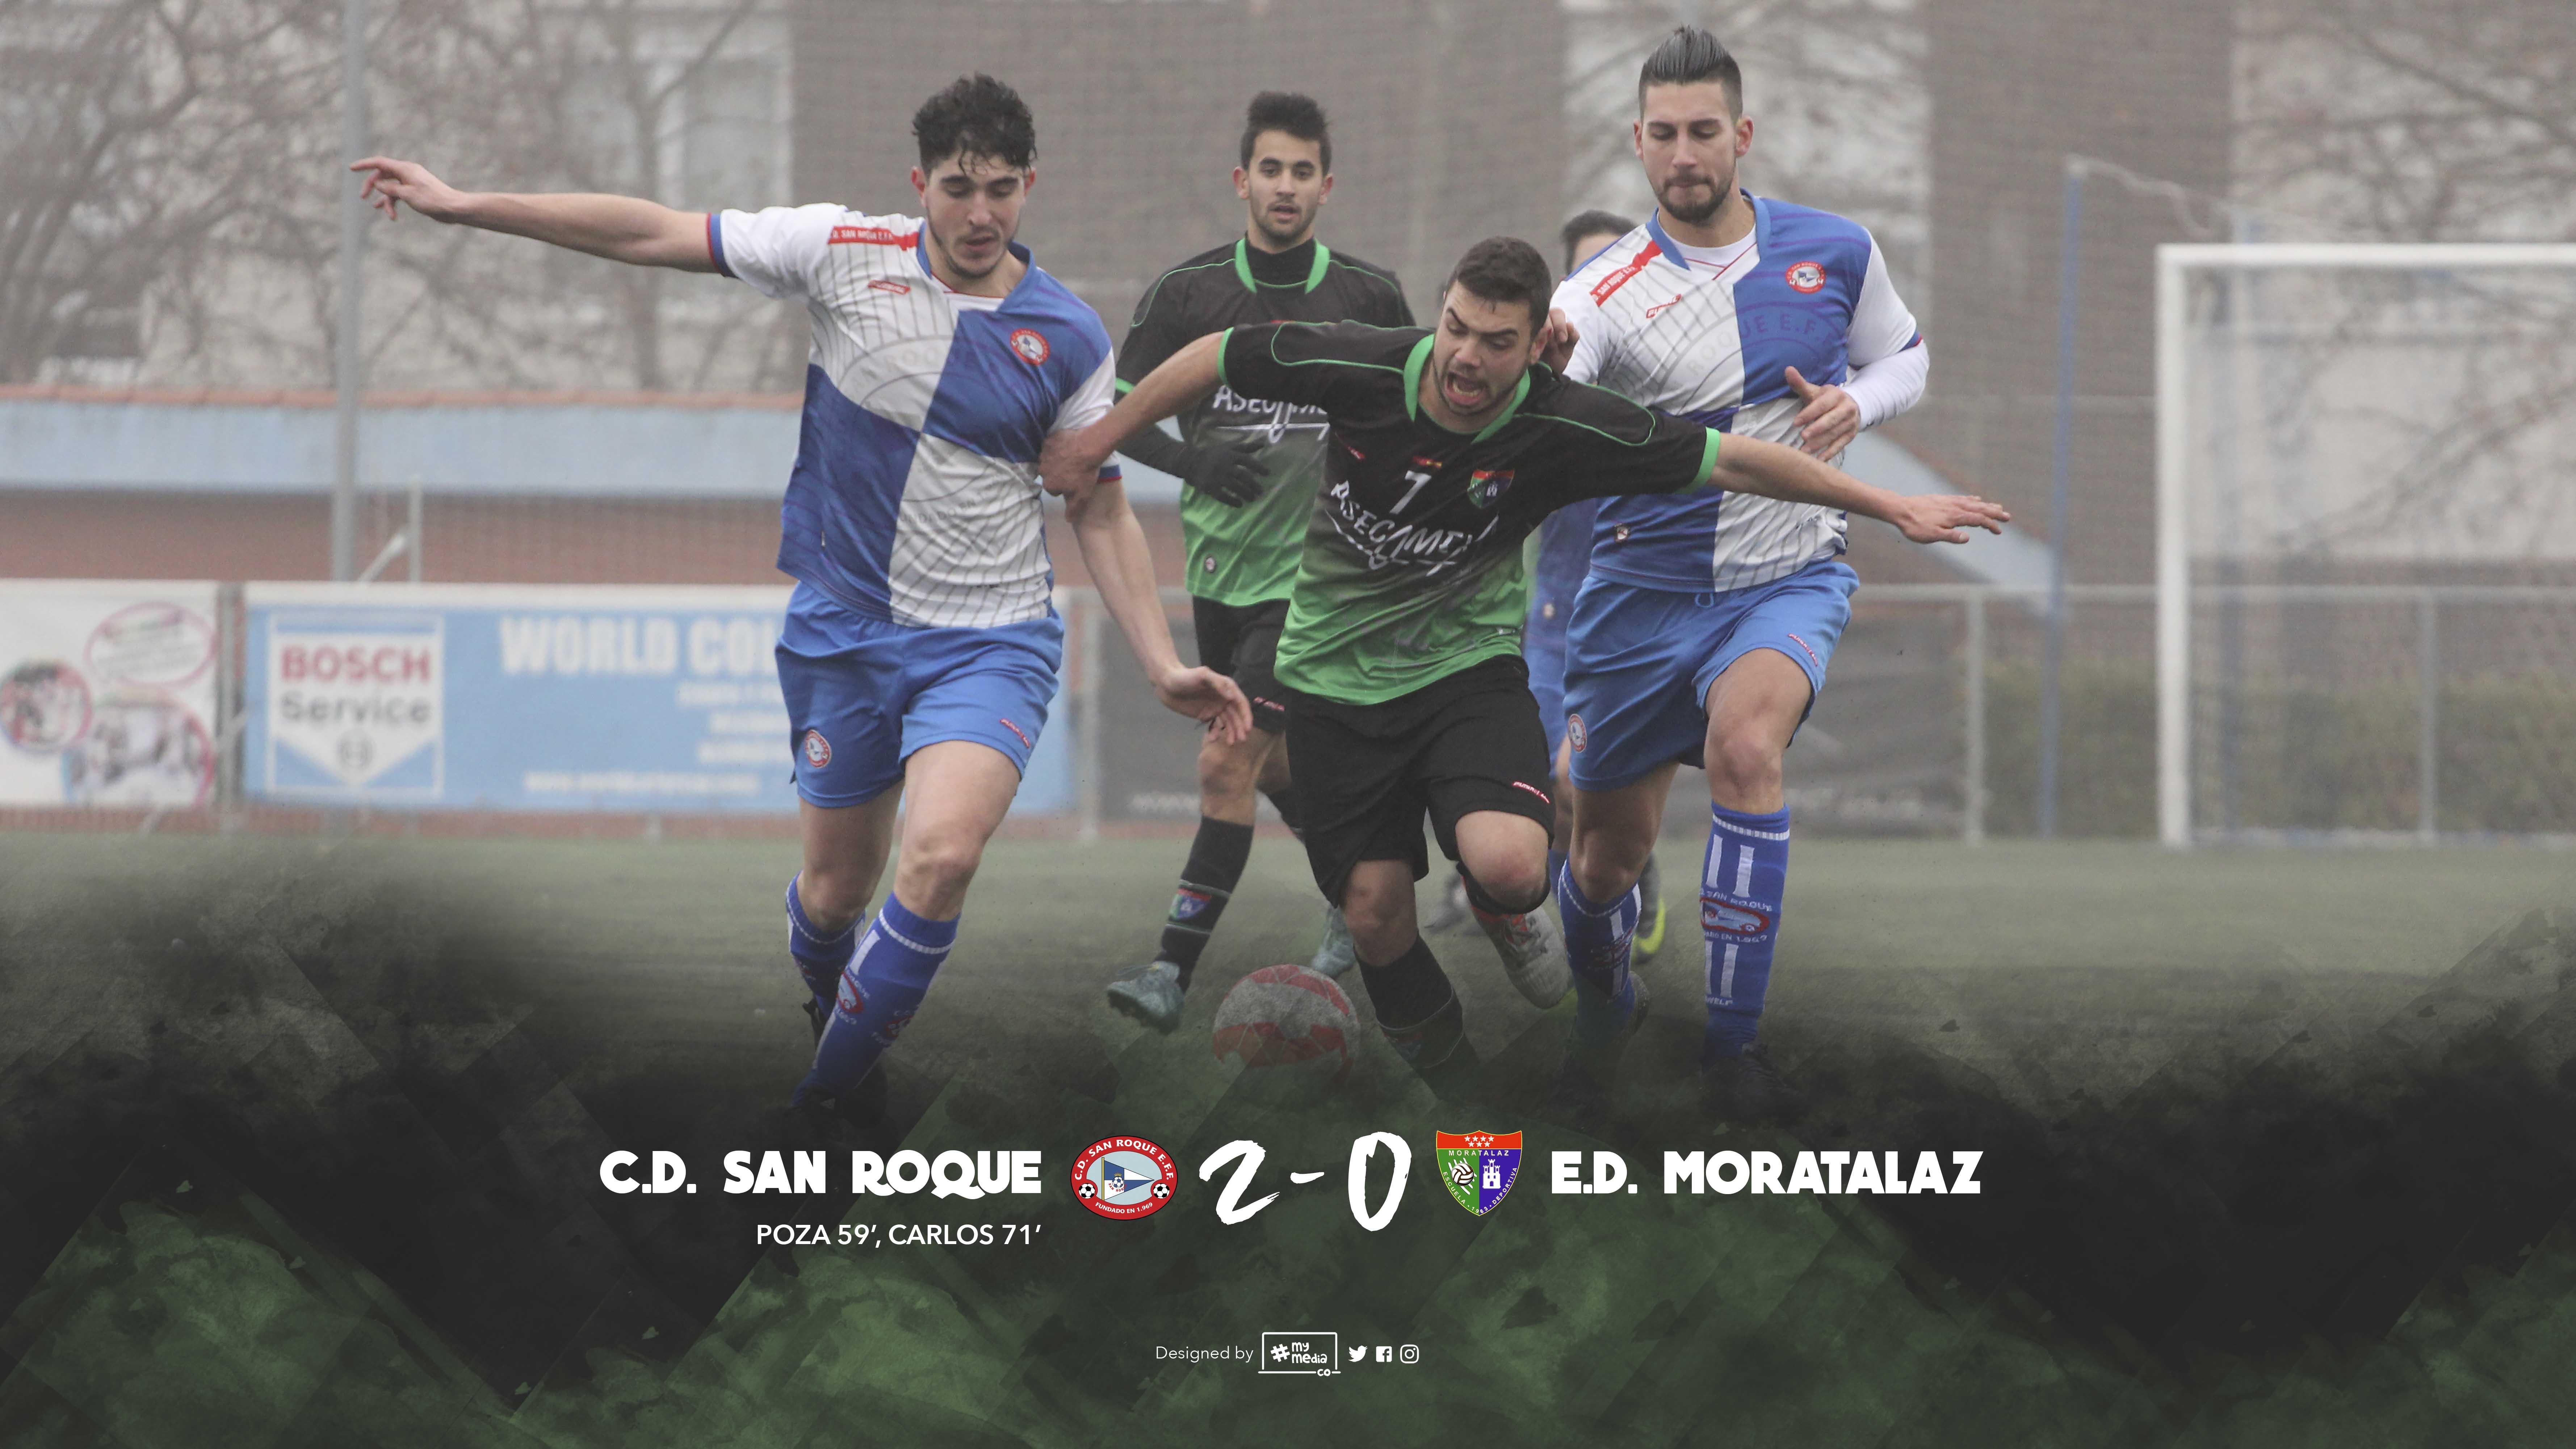 Fotos del partido CD San Roque EFF 2-0 Primer Equipo